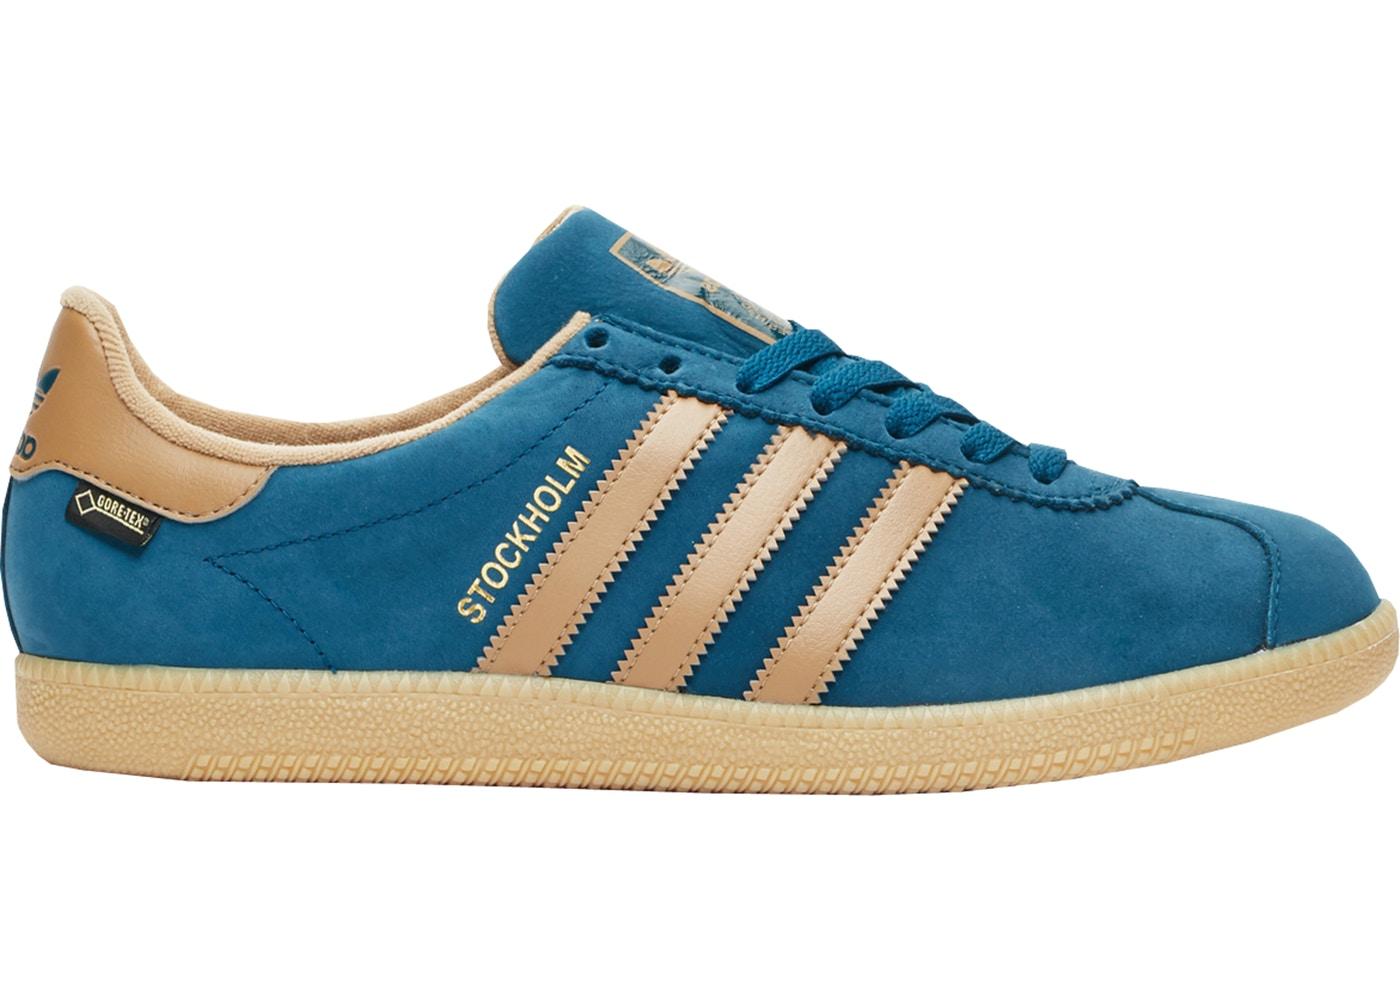 メンズ靴, スニーカー  ADIDAS STOCKHOLM GORETEX BLUE NIGHT CARBOARD GUM